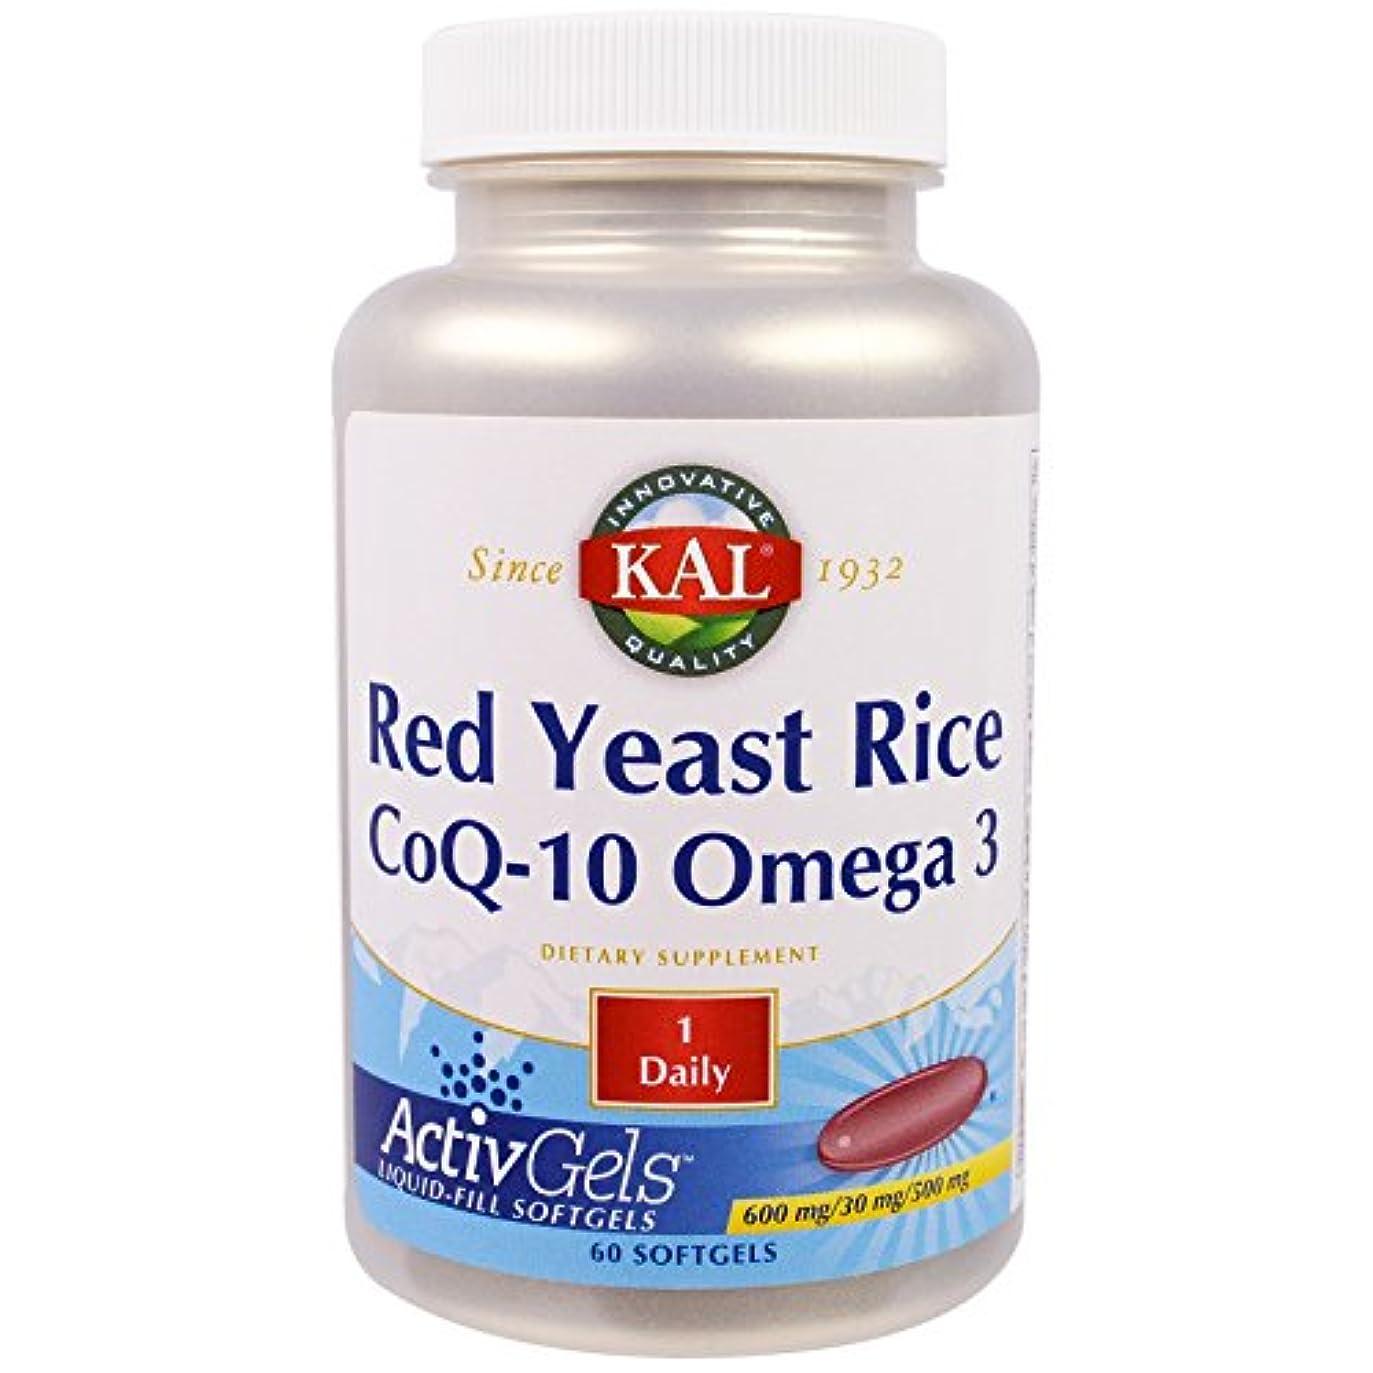 してはいけません慣らす微視的紅麹(ベニコウジ)米&コエンザイムQ10 + オメガ3 EPA/DHA 60粒[海外直送品]